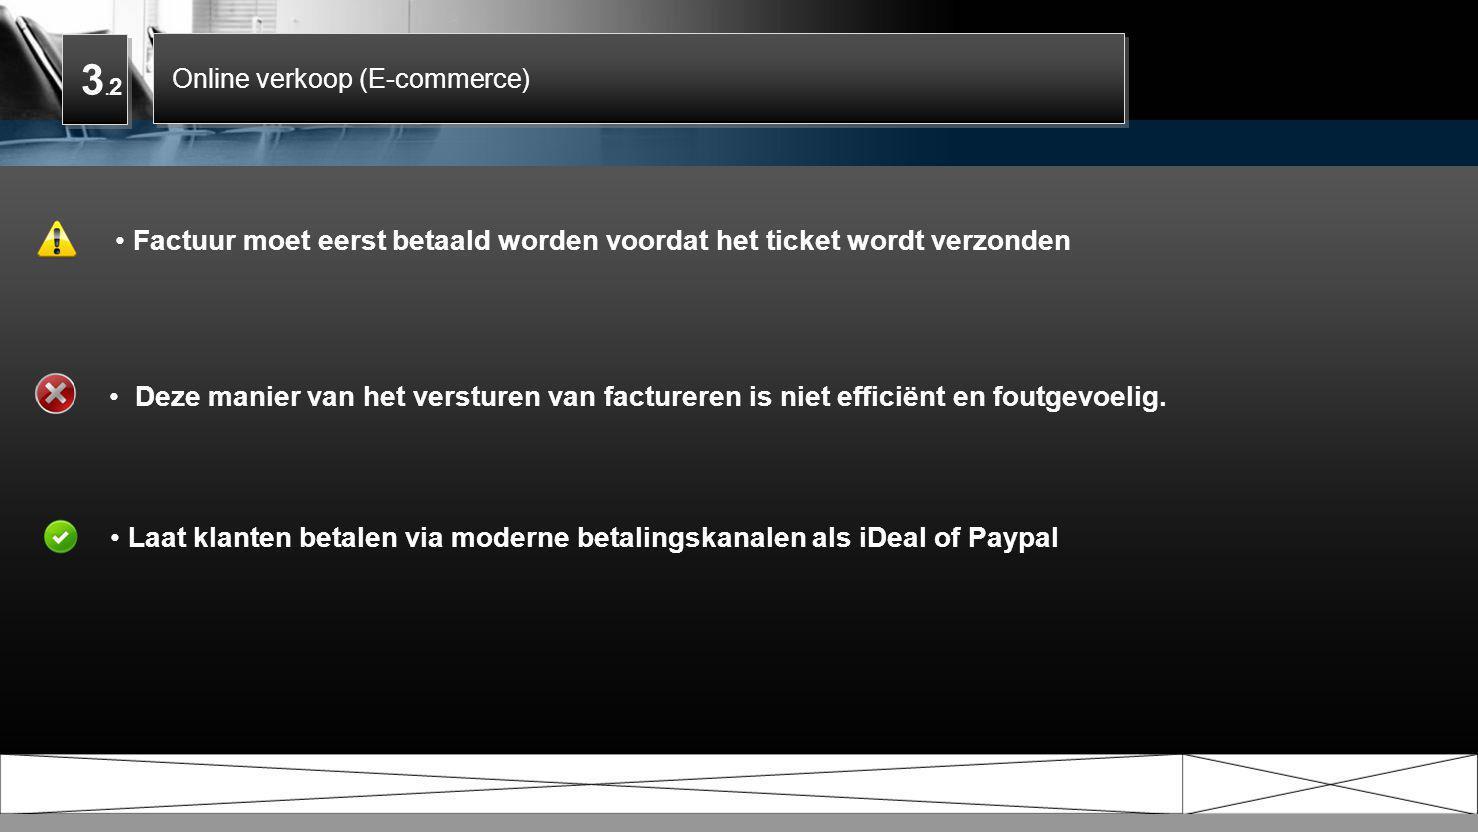 3.2 Online verkoop (E-commerce) Factuur moet eerst betaald worden voordat het ticket wordt verzonden.